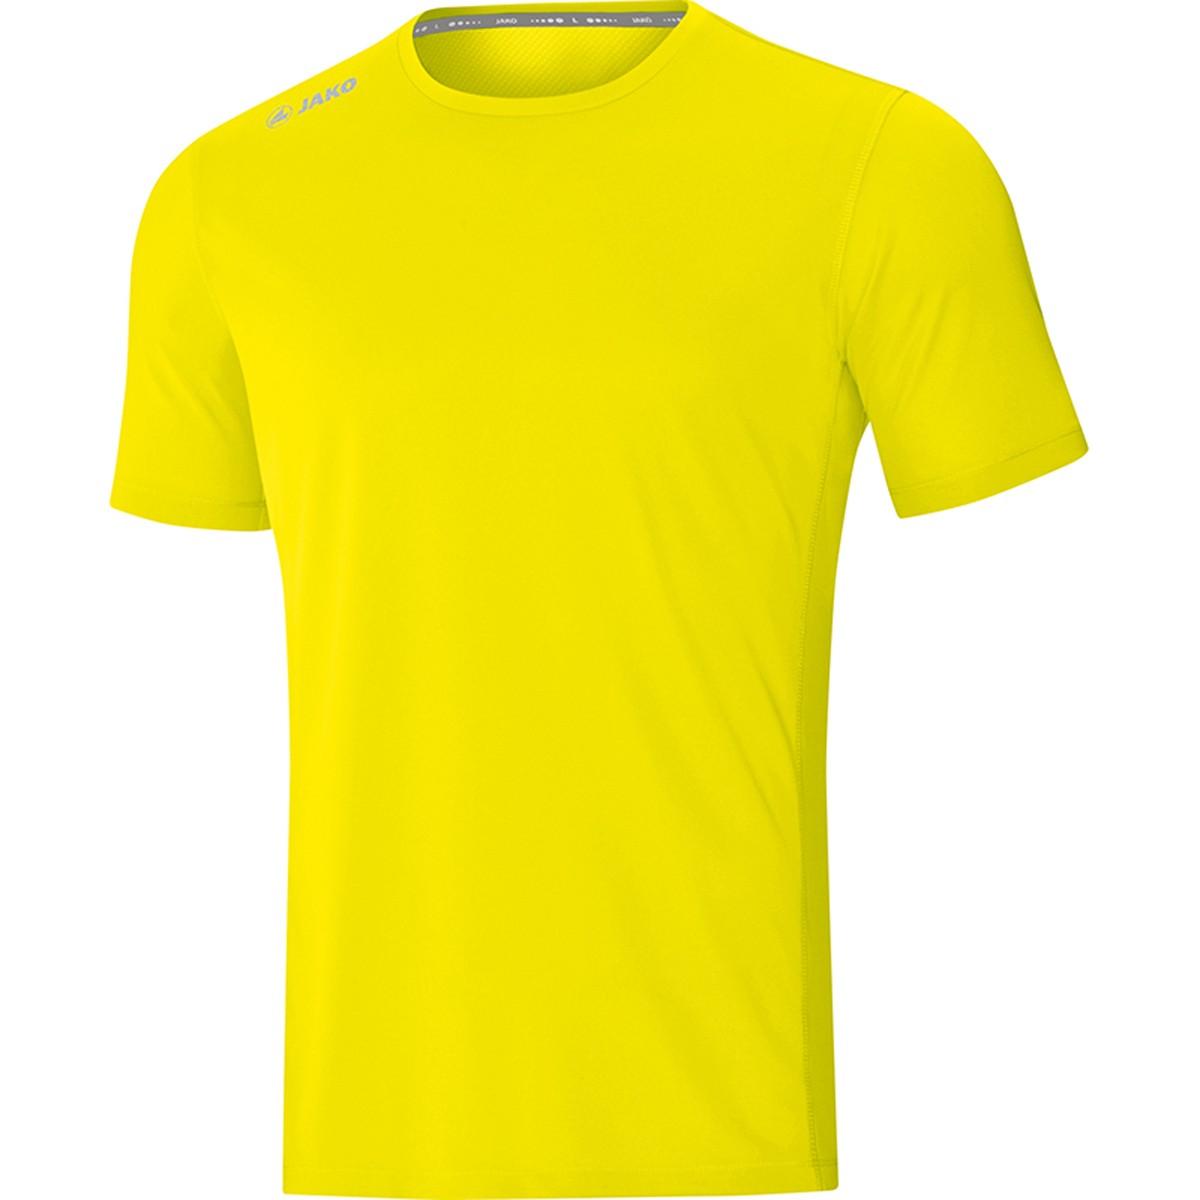 Jako T-Shirt Run 2.0, Herren 6175-03